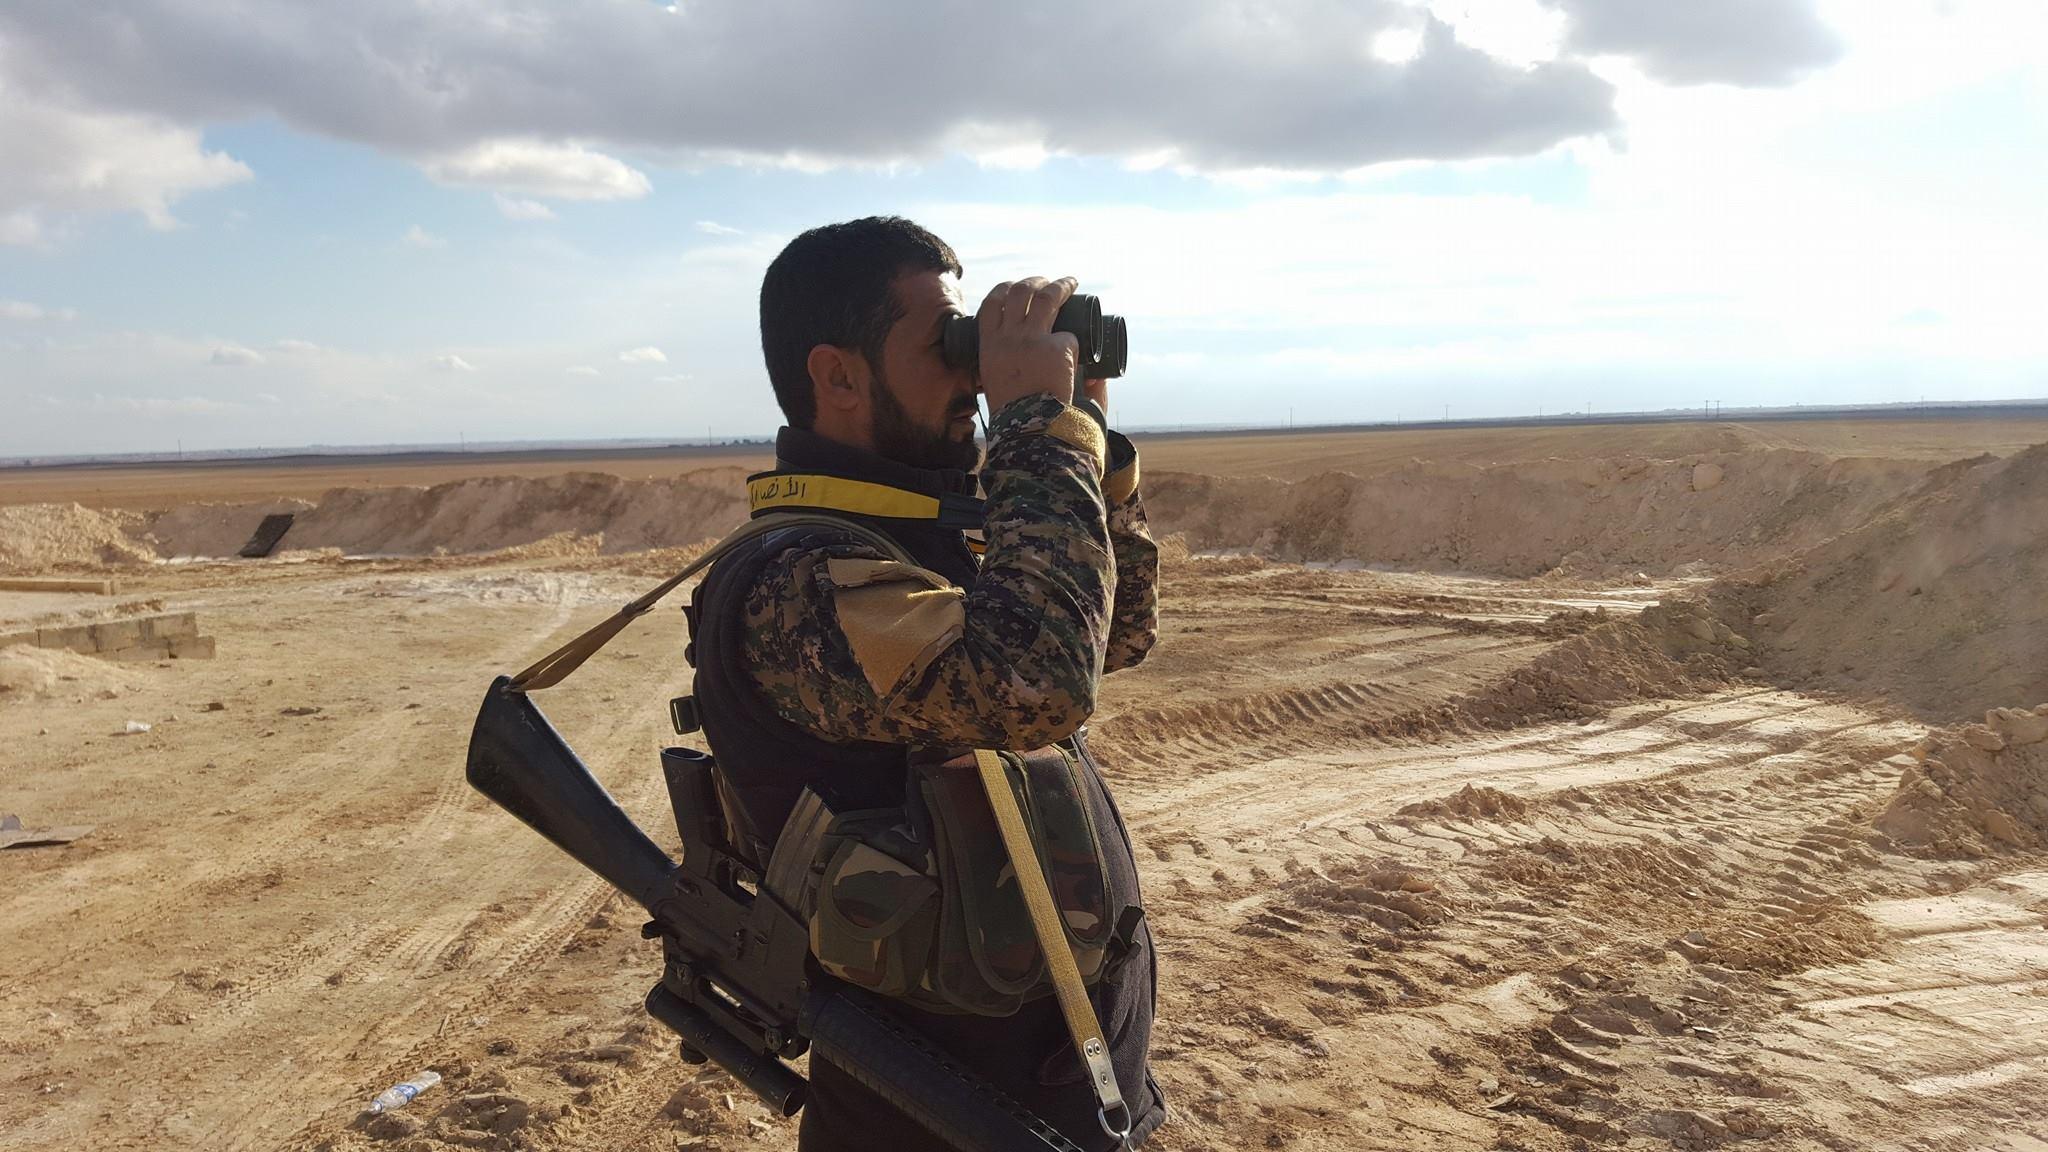 Một sĩ quan quân đội Syria đang quan sát chiến trường tỉnh Homs, Hama